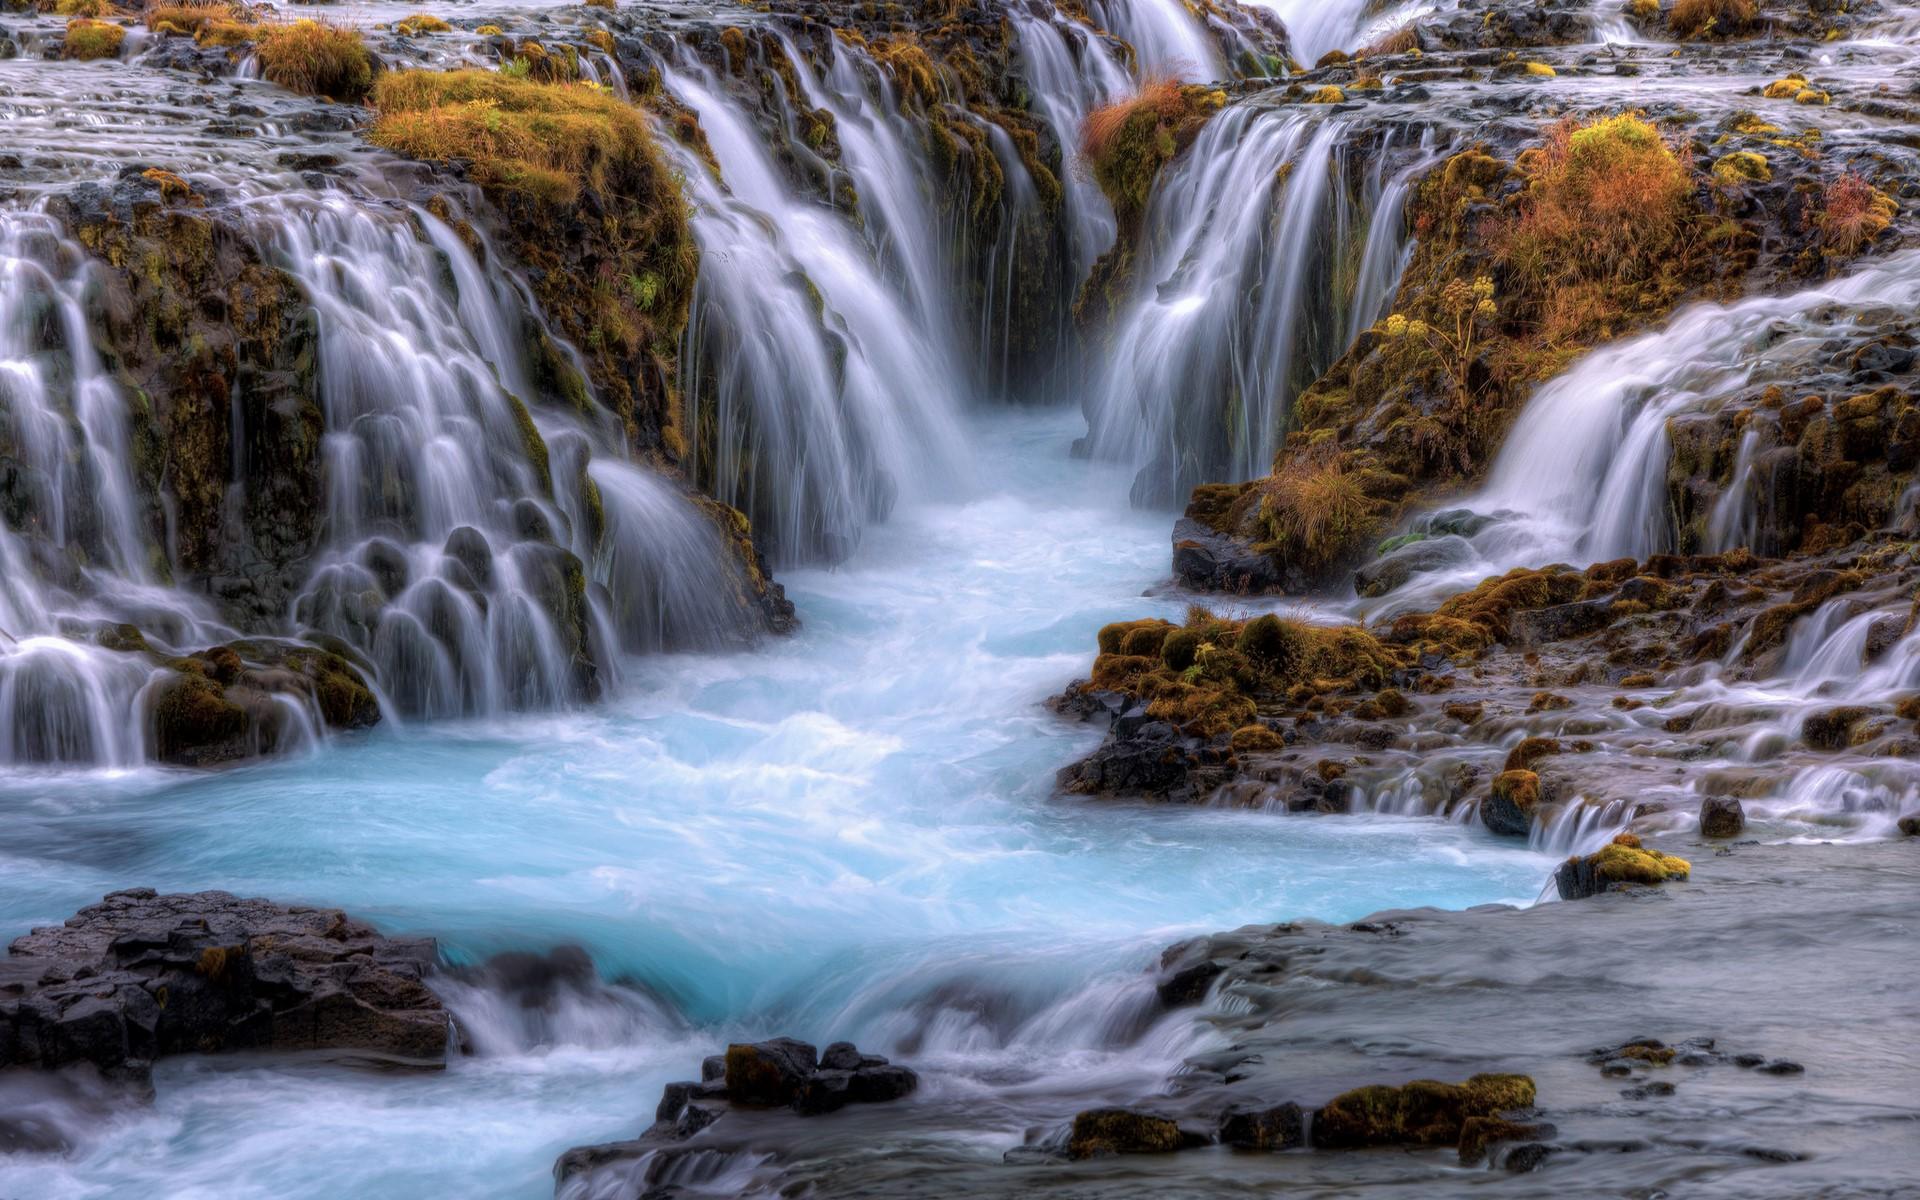 Earth Fall Rock Stream Waterfall 1920x1200